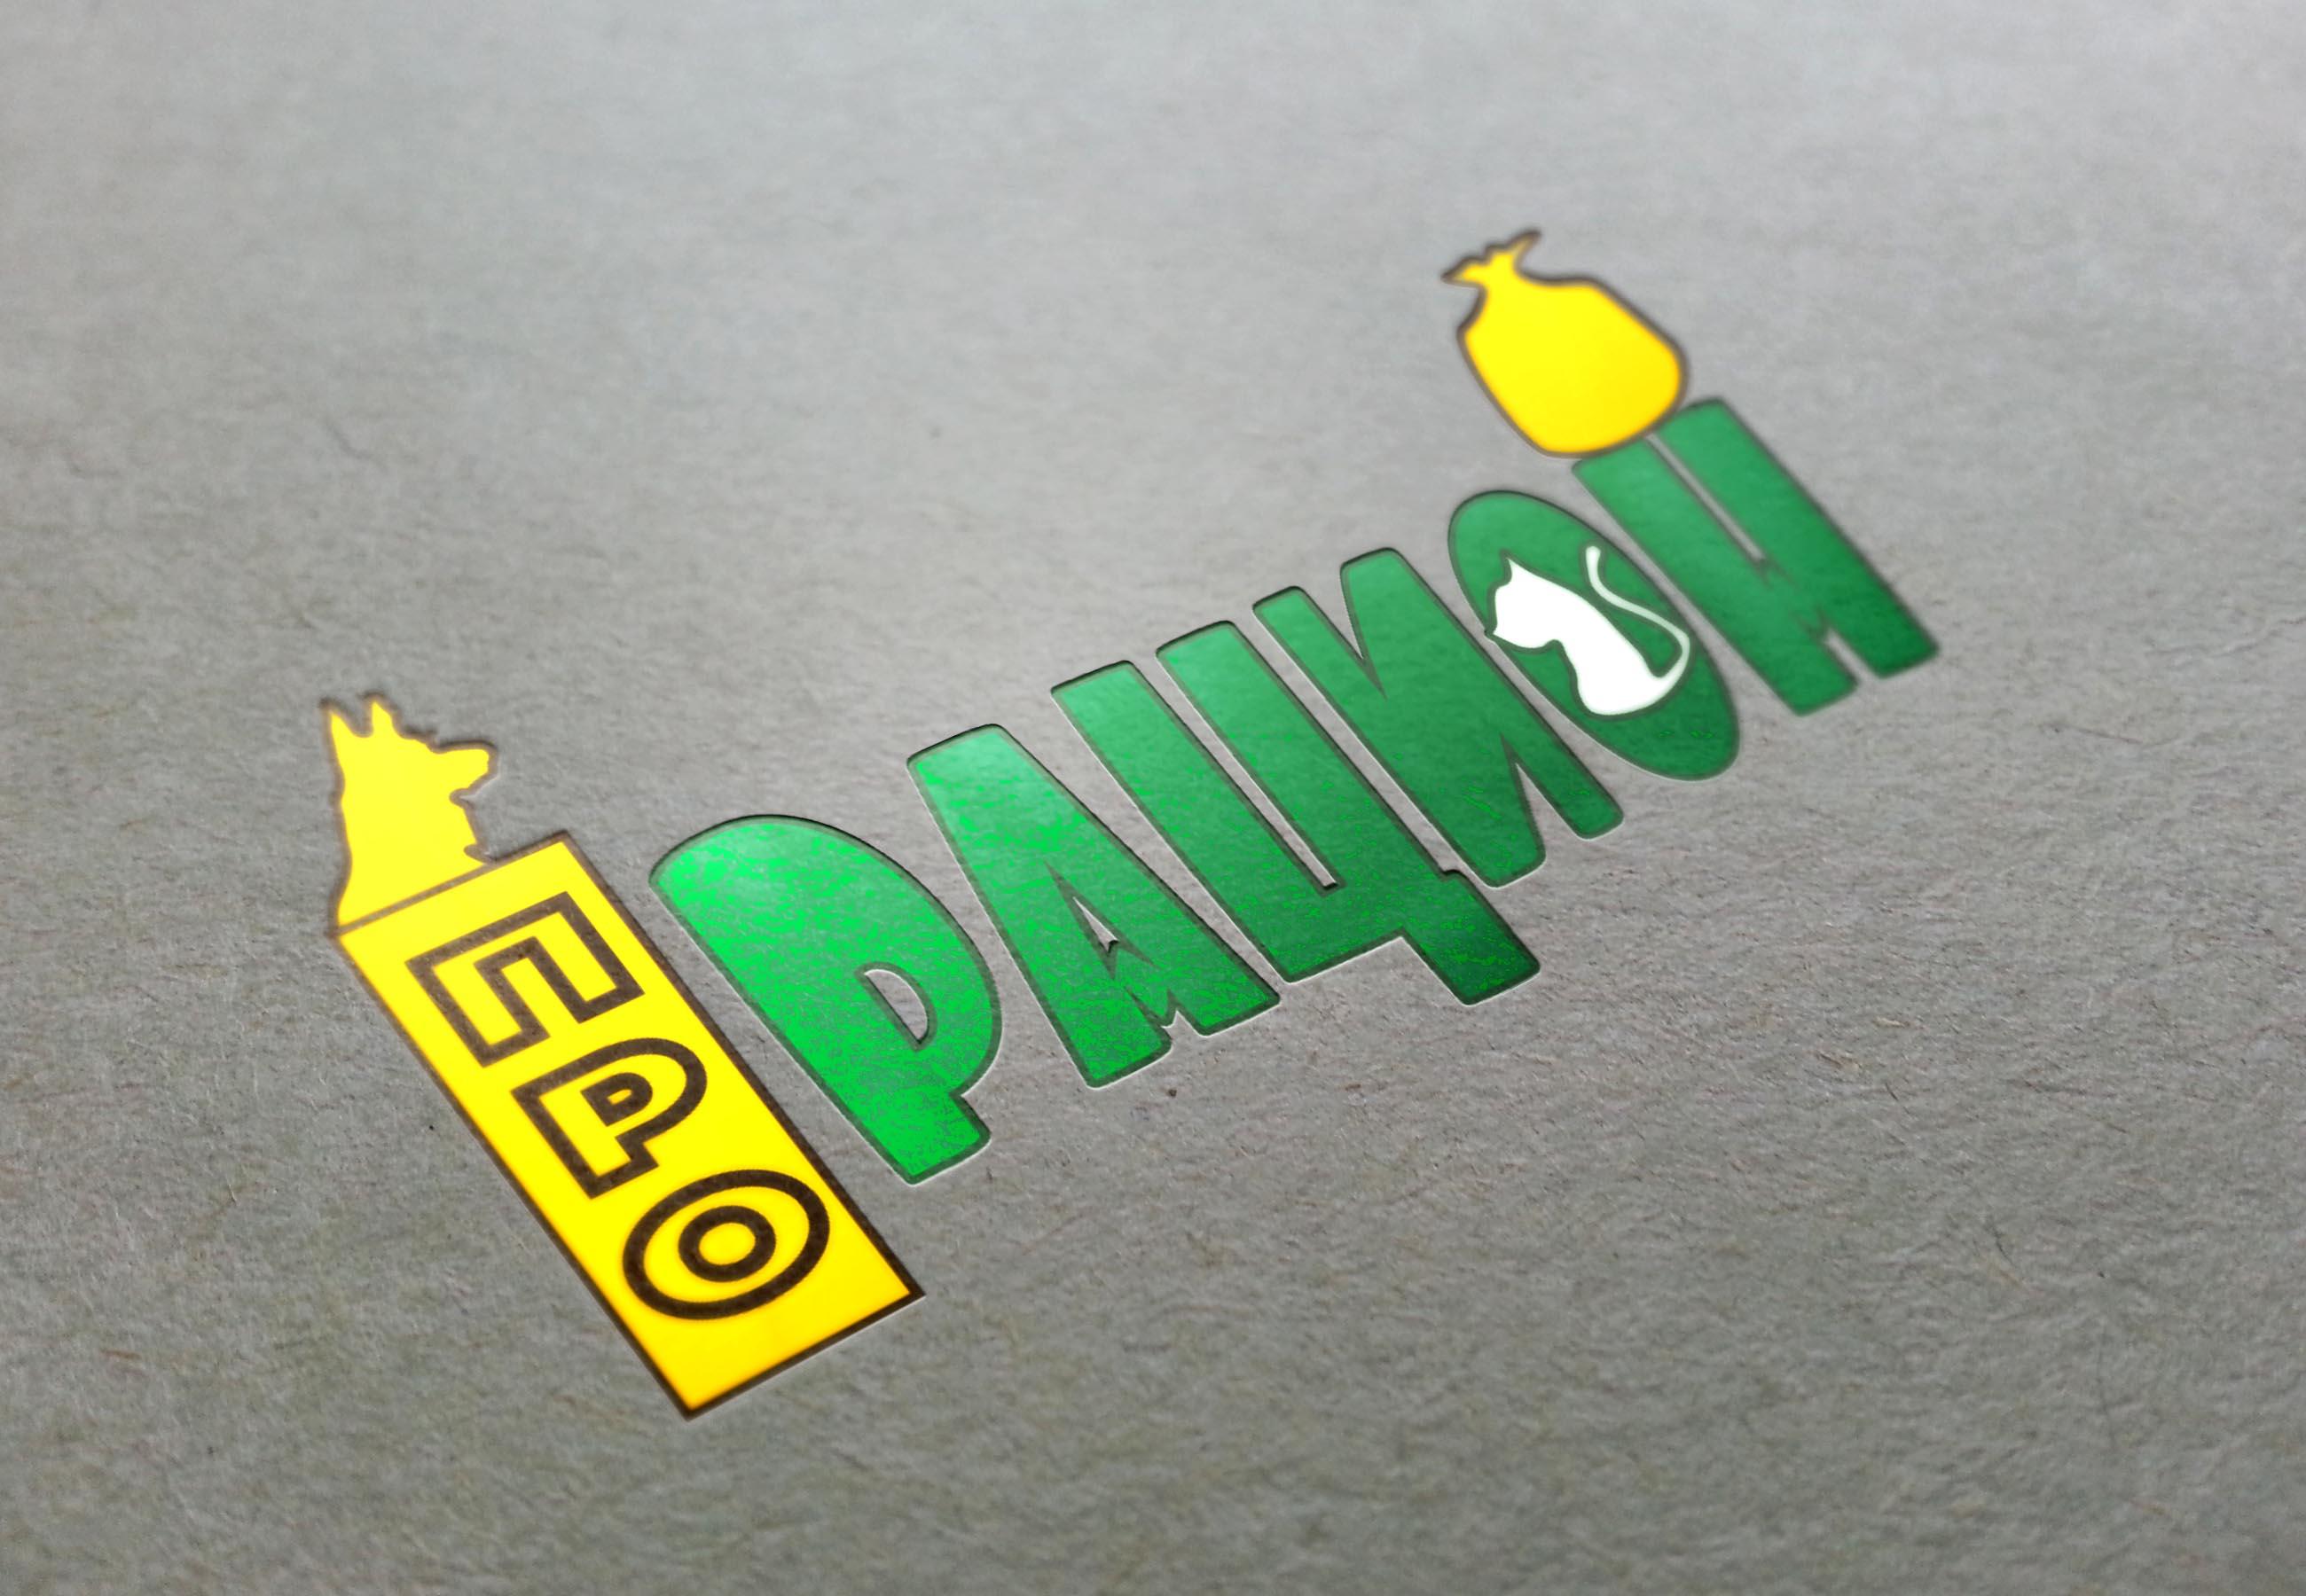 Создать логотип для производственной компании фото f_7325d9e5042ccfbf.jpg